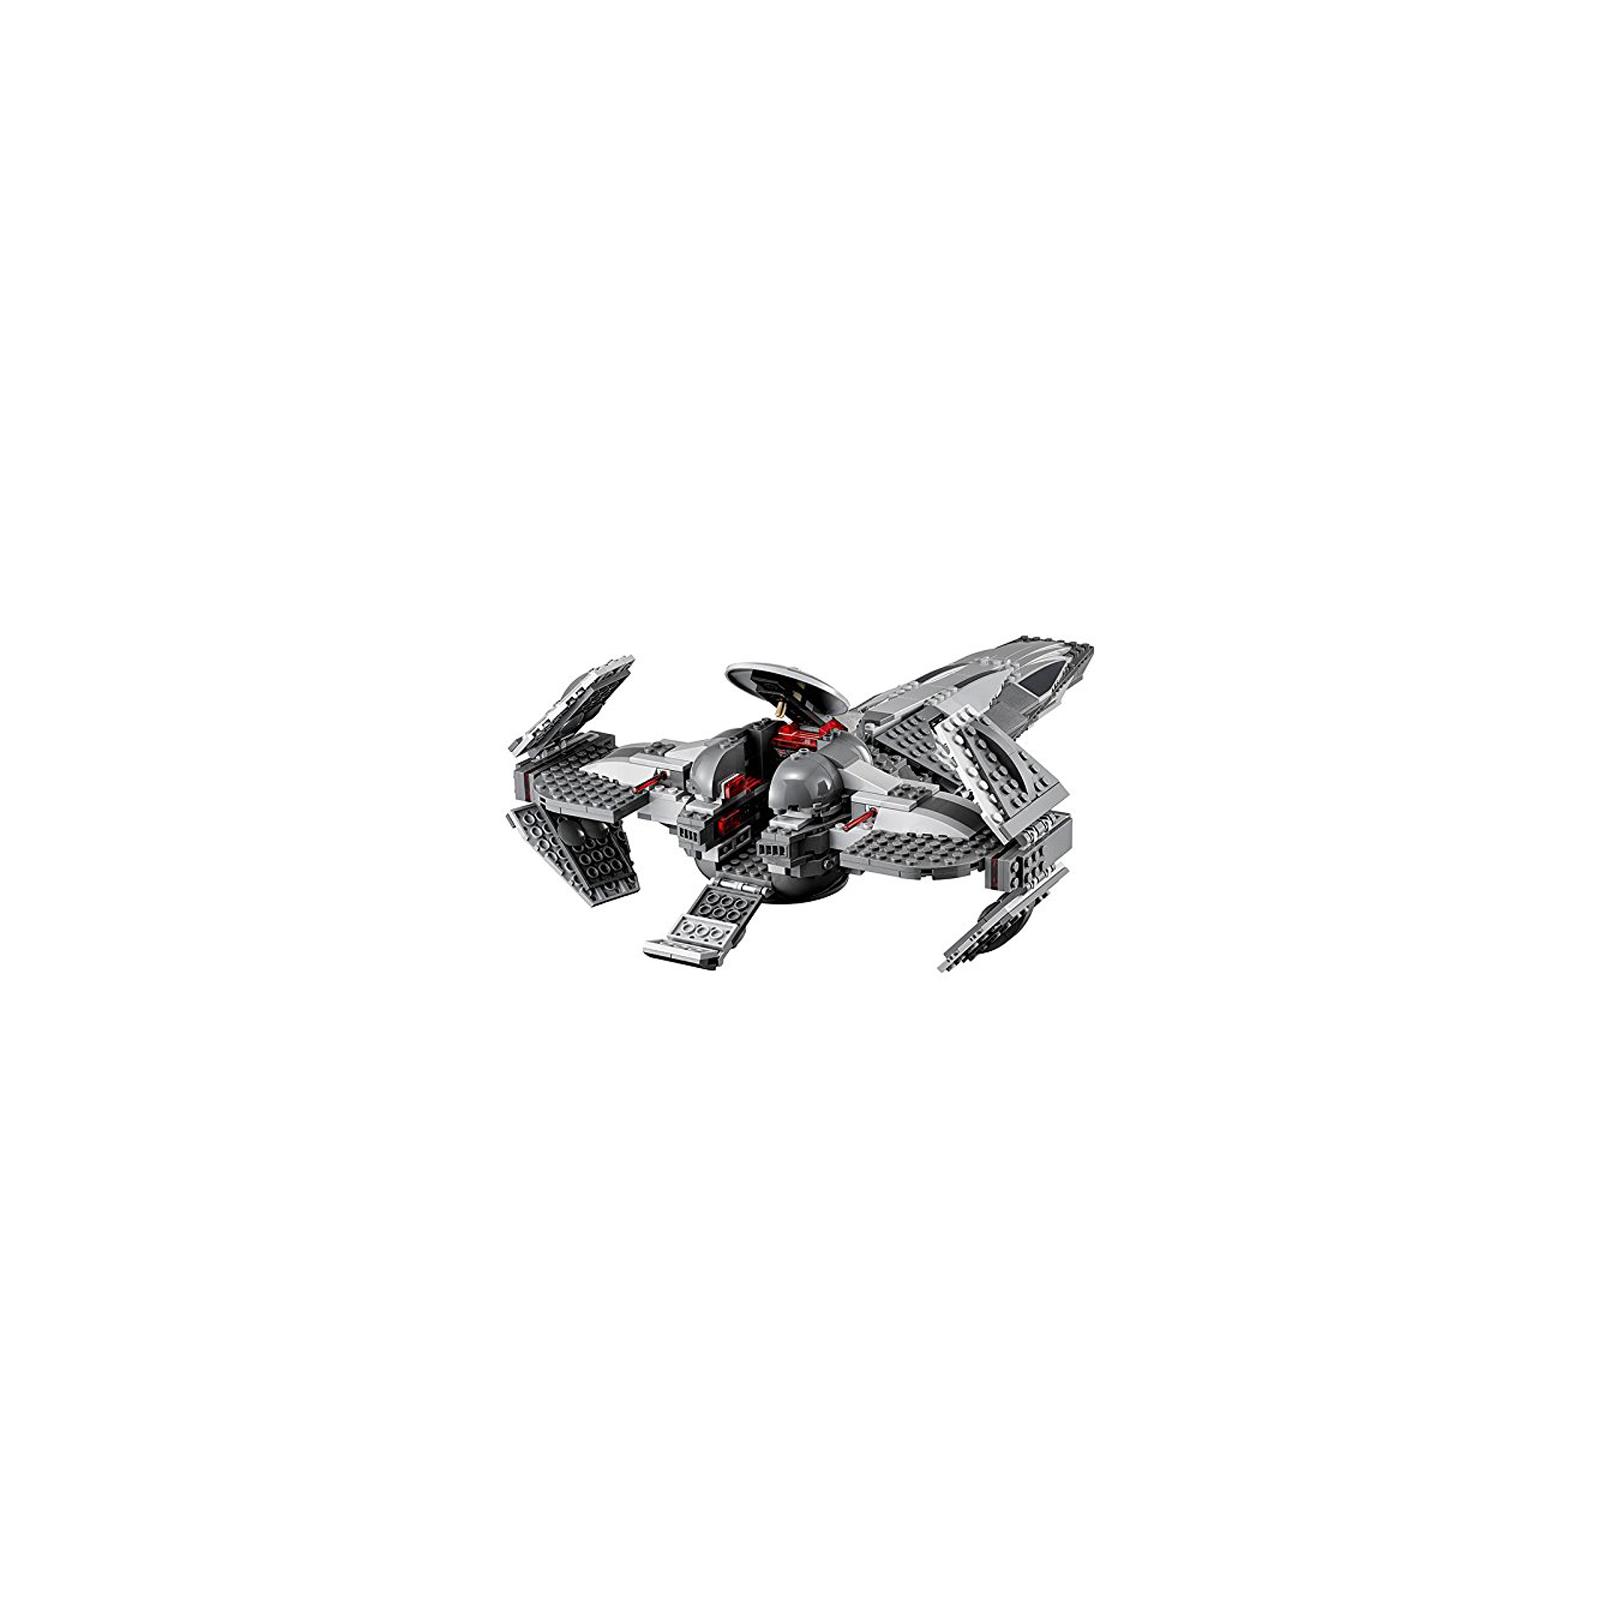 Конструктор LEGO Star Wars Разведчик Ситхов (75096) изображение 3